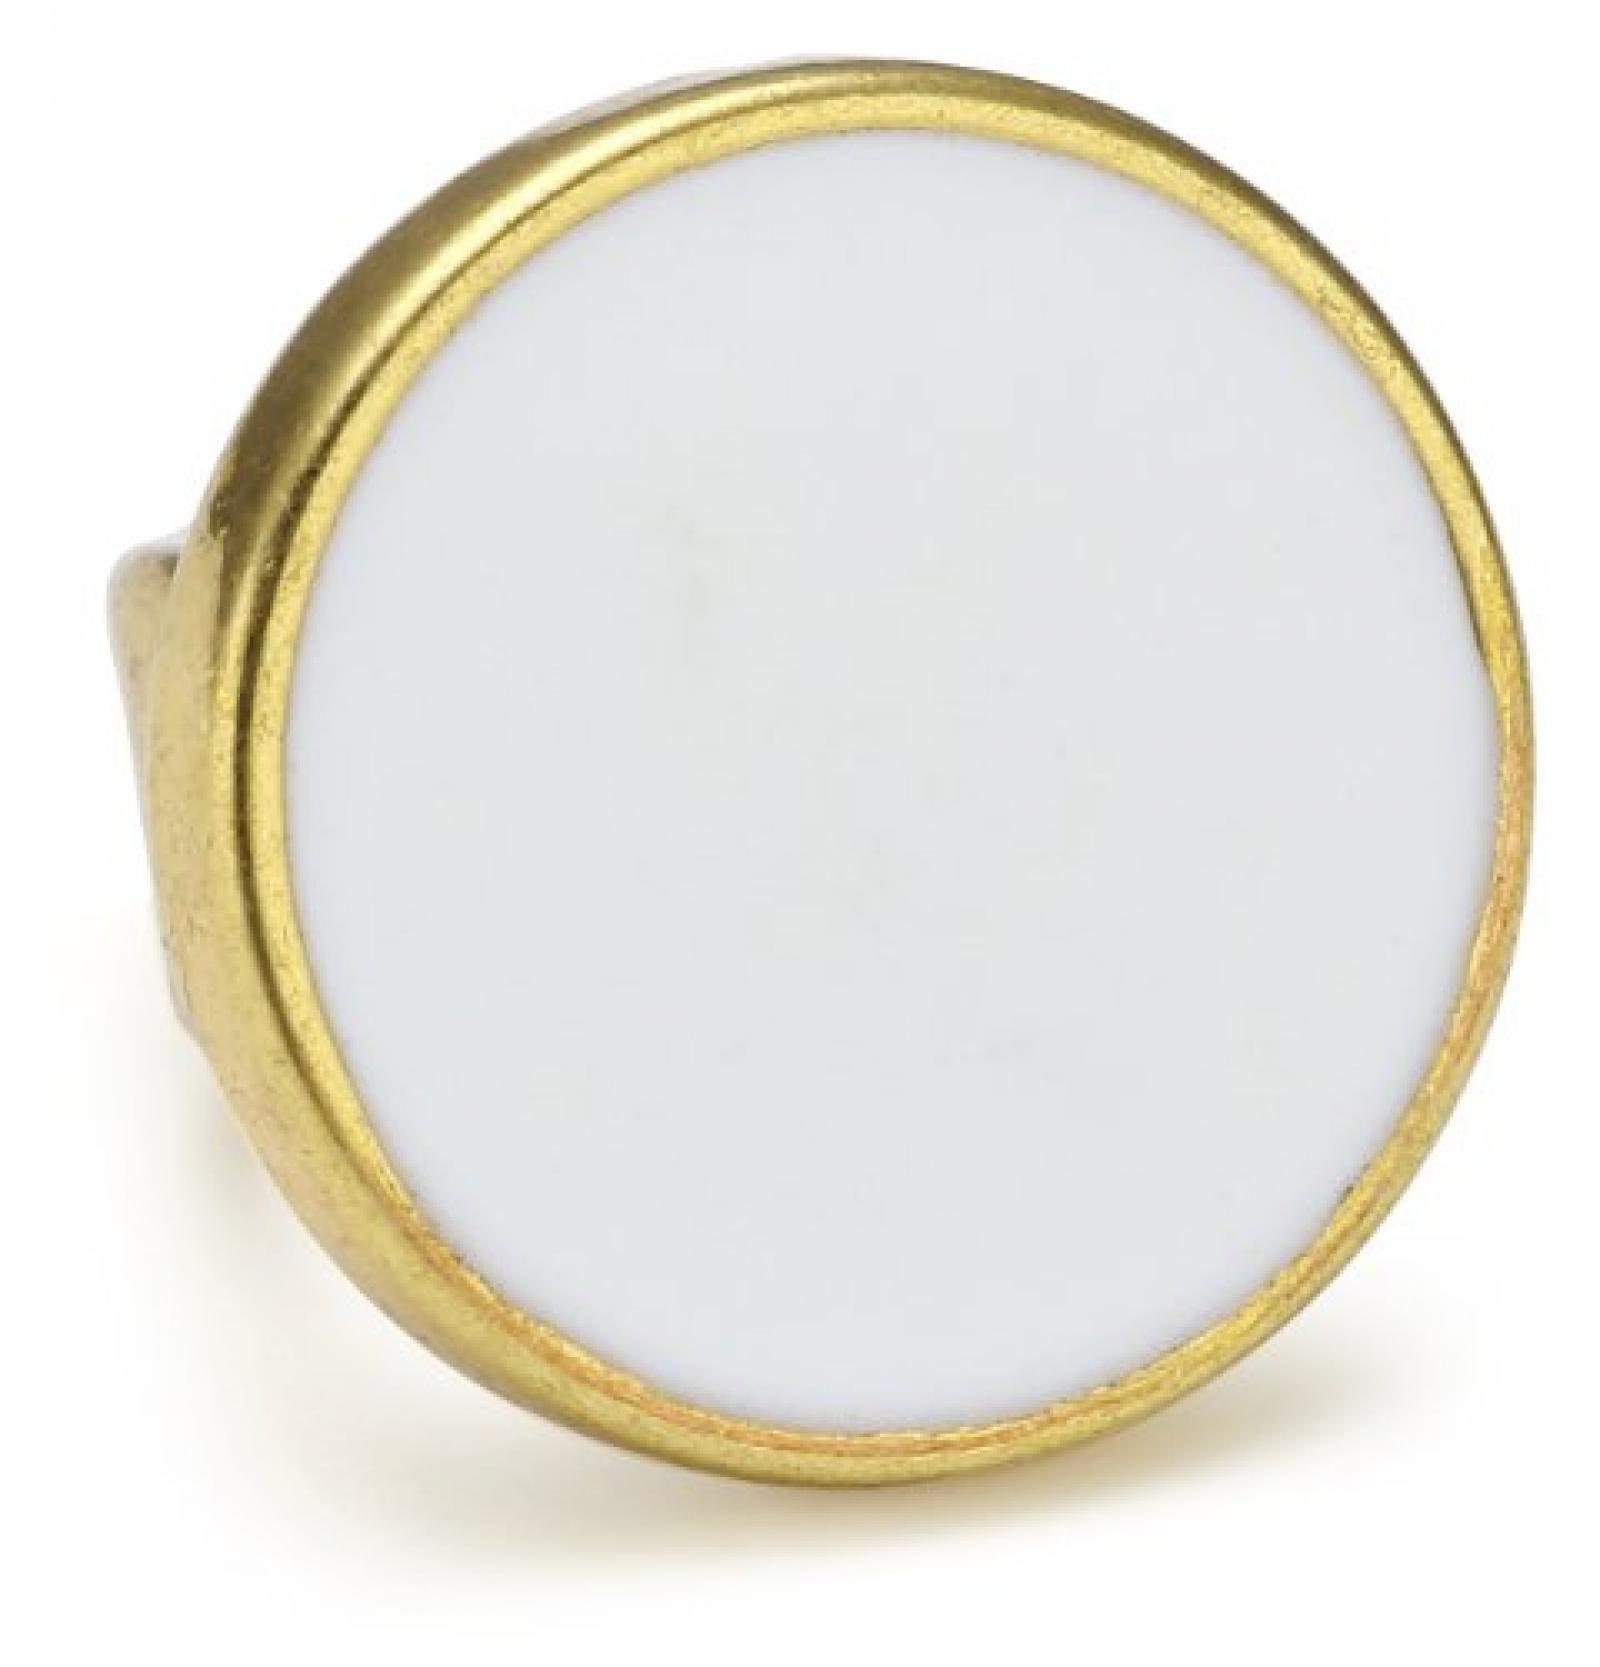 Pilgrim Damen-Anhänger Charming vergoldet weiss 42121-2050